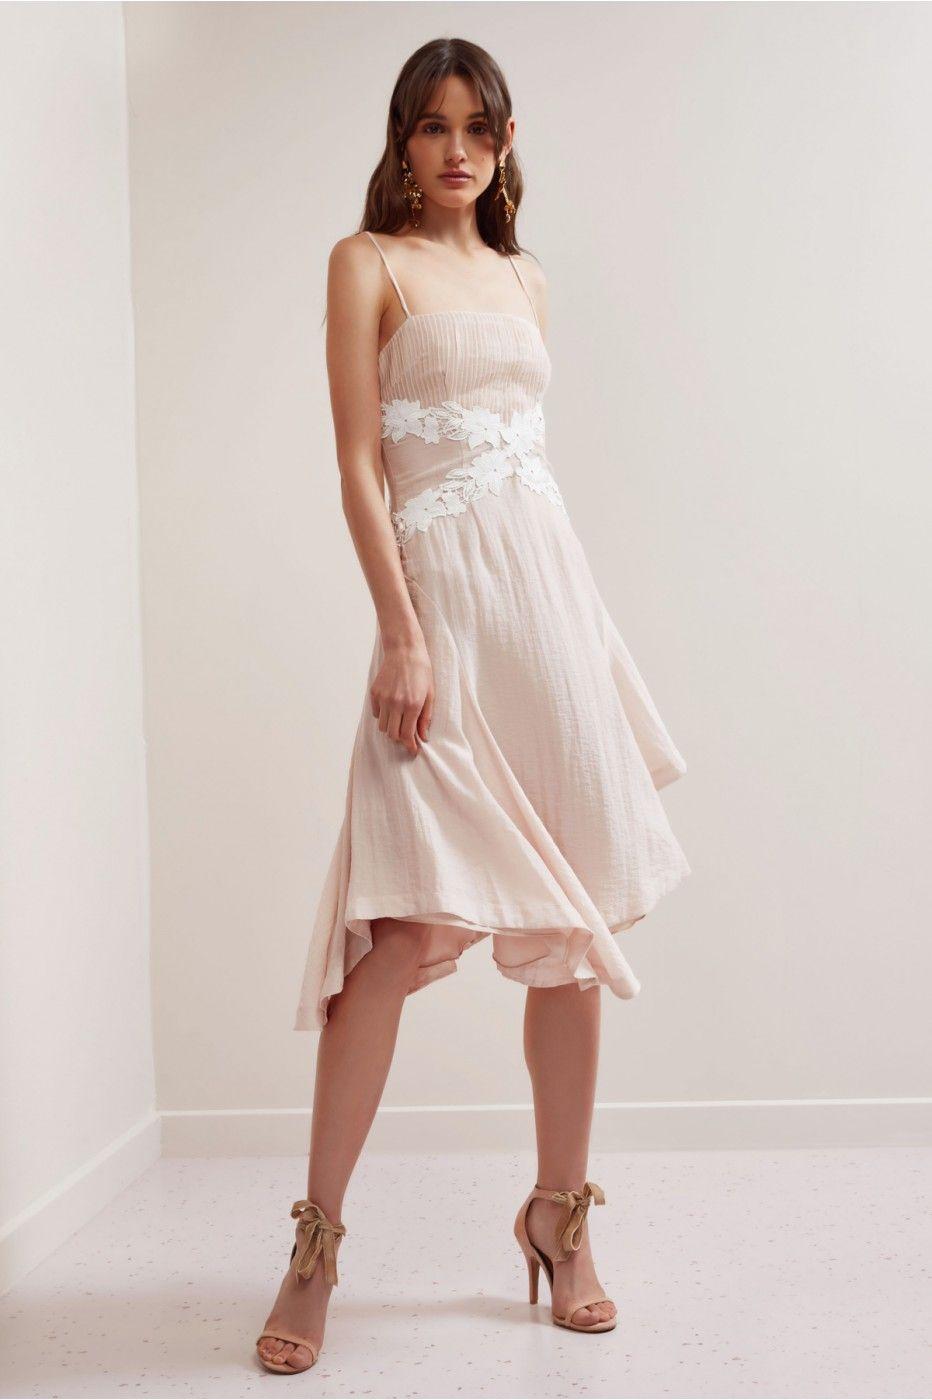 9775744a7c12 KEEPSAKE ALL MINE DRESS shell | Dress skirt | Dresses, Dress skirt ...